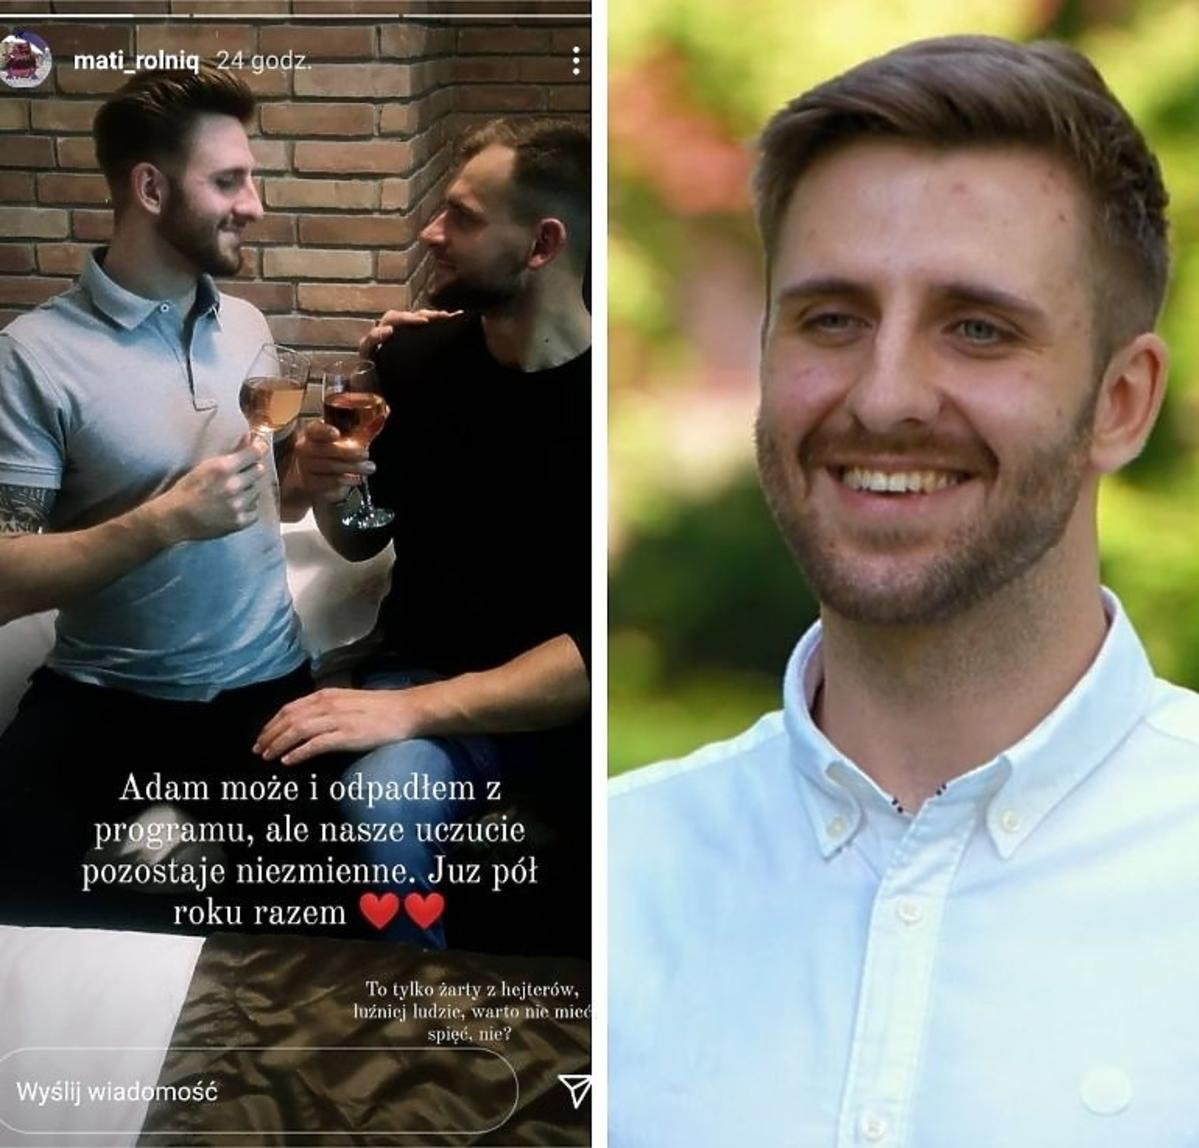 Mateusz z Rolnik szuka żony pokazał zdjęcie z Adamem